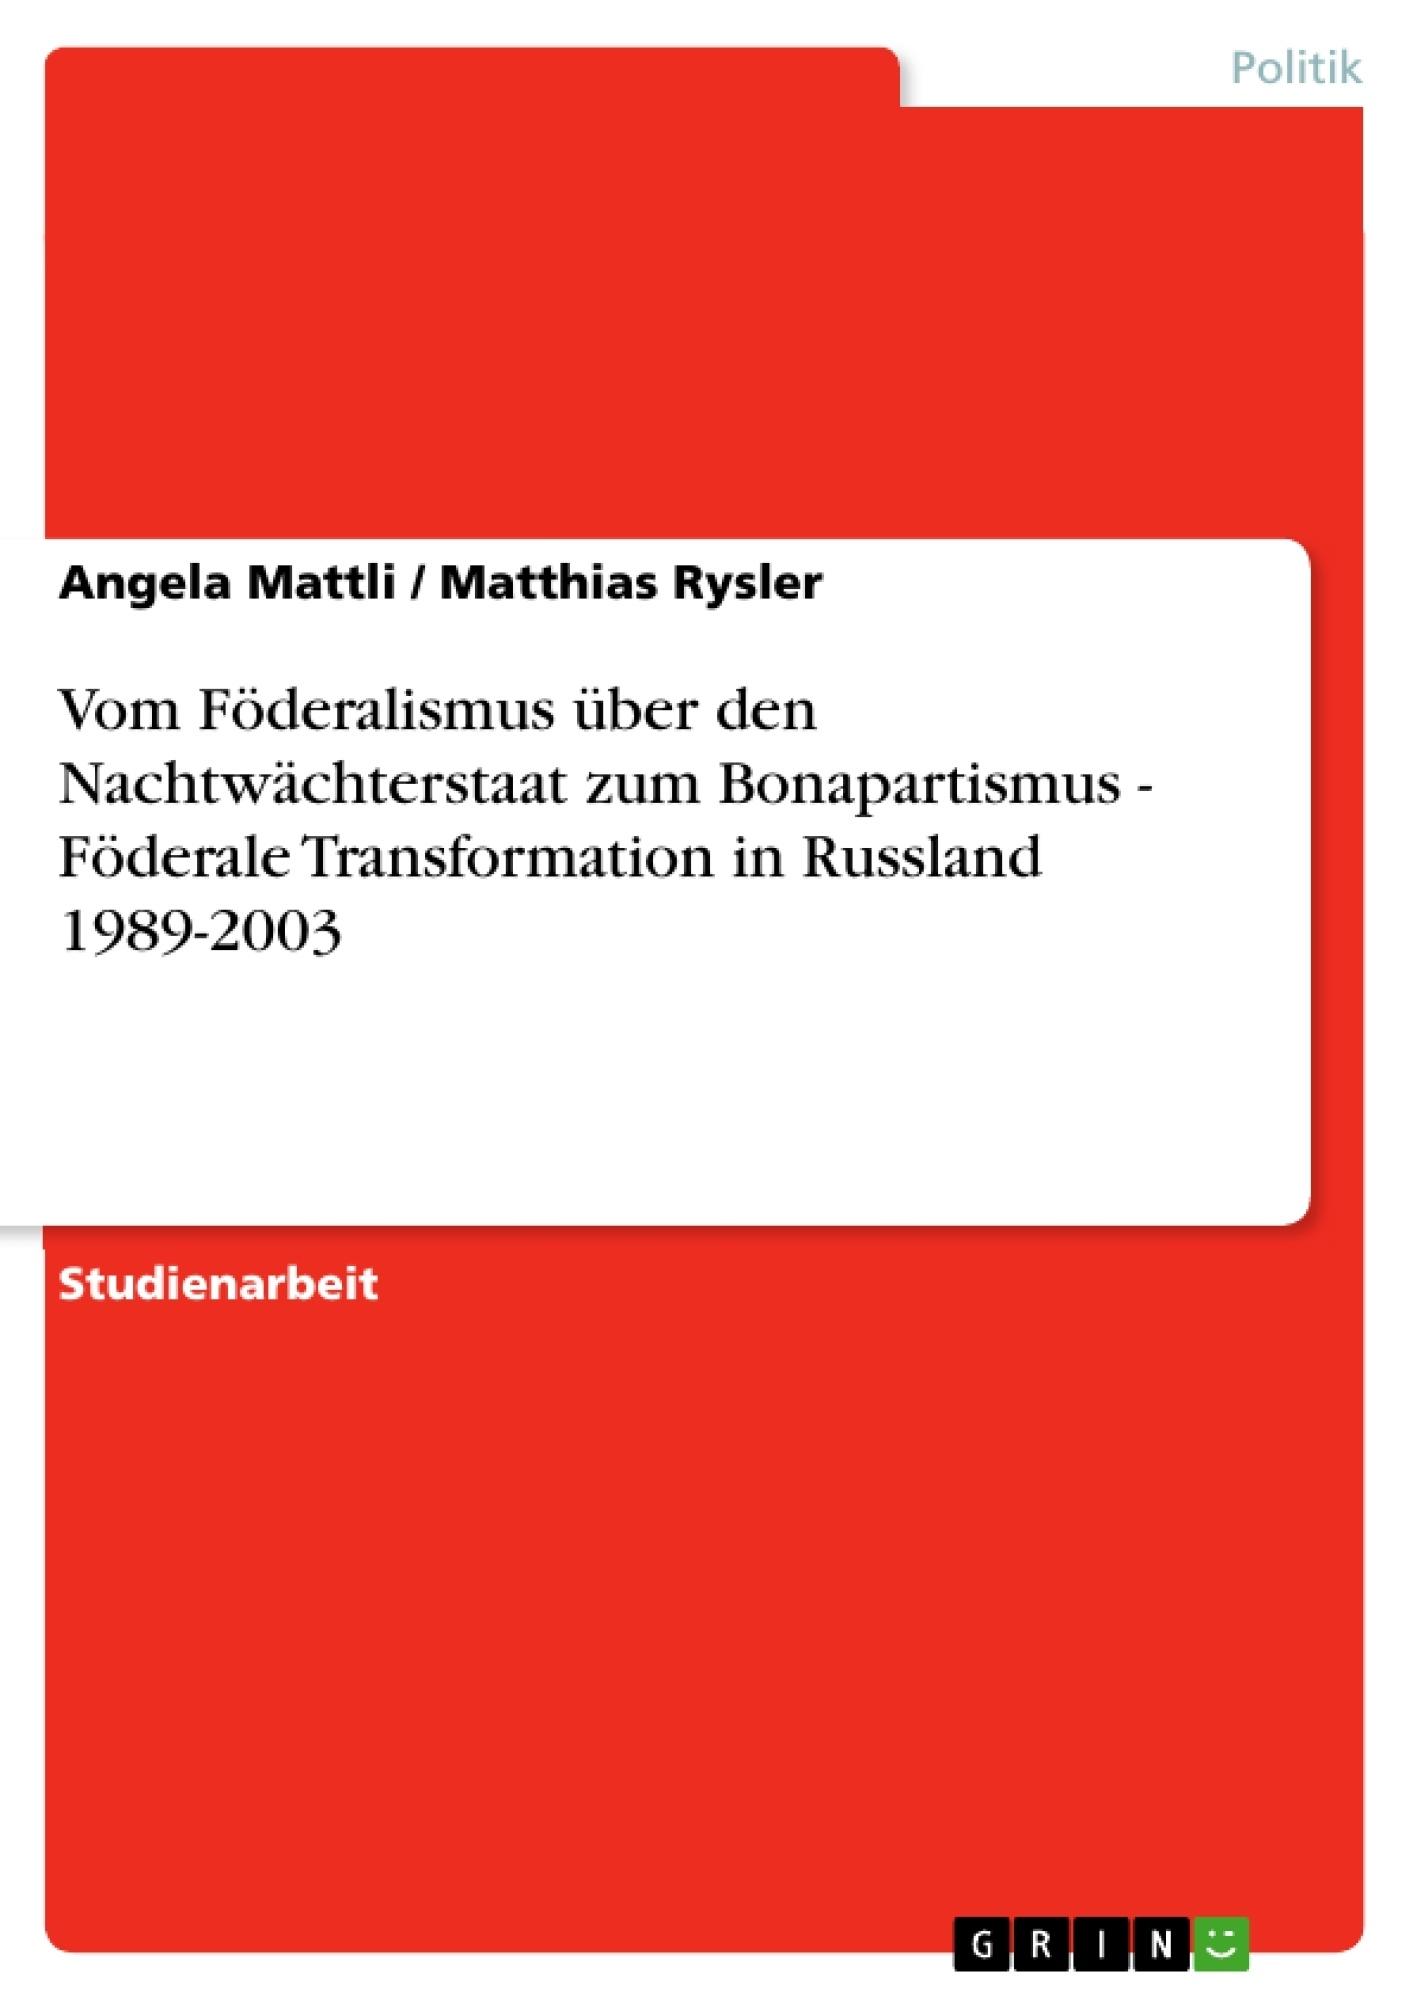 Titel: Vom Föderalismus über den Nachtwächterstaat zum Bonapartismus - Föderale Transformation in Russland 1989-2003